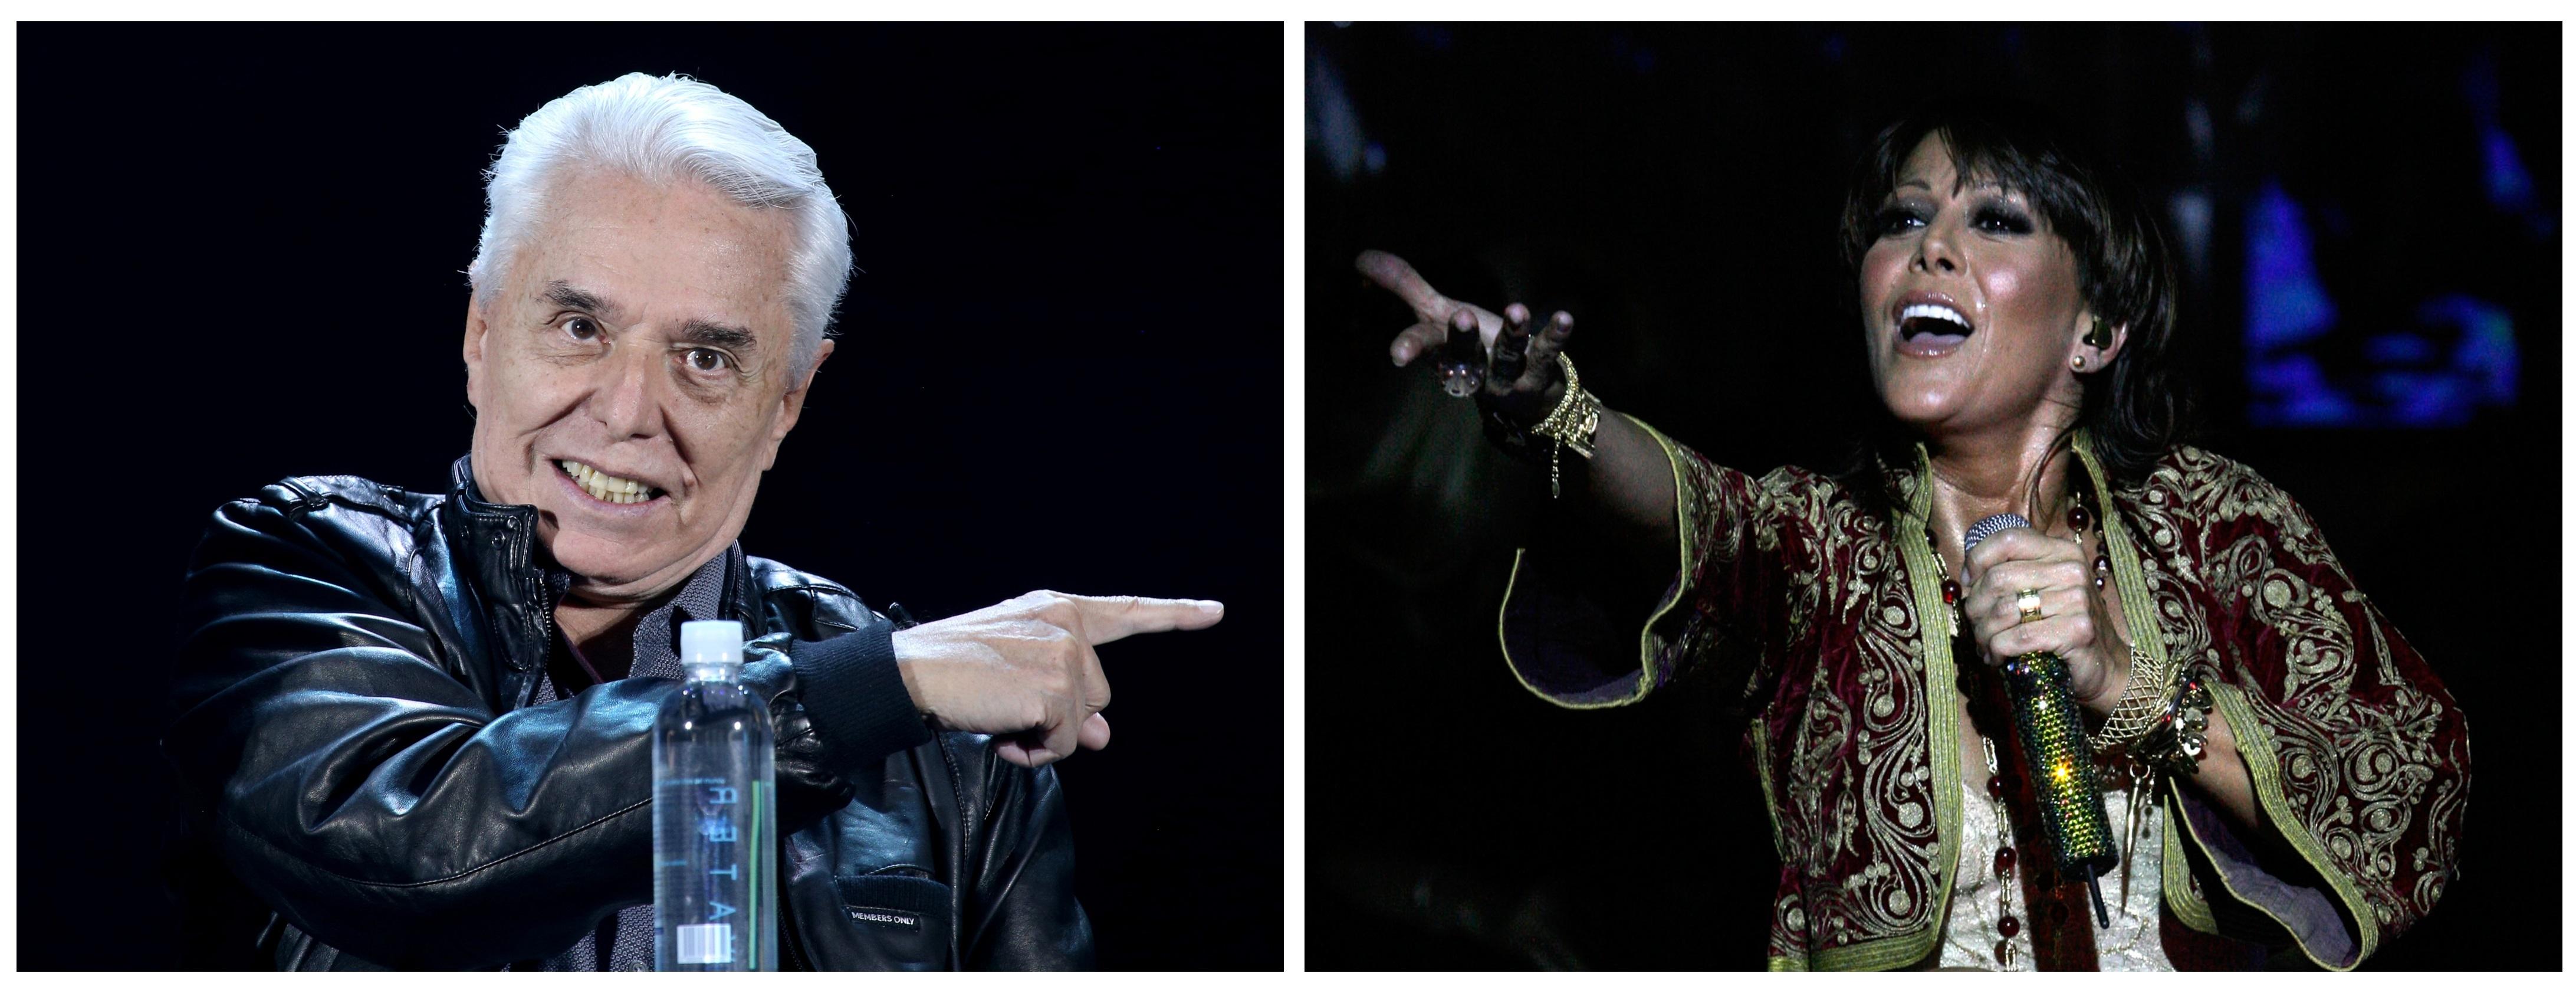 Combo de fotografías donde se muestra a los cantantes Enrique Guzmán (i), y su hija Alejandra Guzmán (d), durante distintos actos en Ciudad de México (México). EFE/ Photoamc/ SOLO USO EDITORIAL/ SOLO DISPONIBLE PARA ILUSTRAR LA NOTICIA QUE ACOMPAÑA (CRÉDITO OBLIGATORIO)